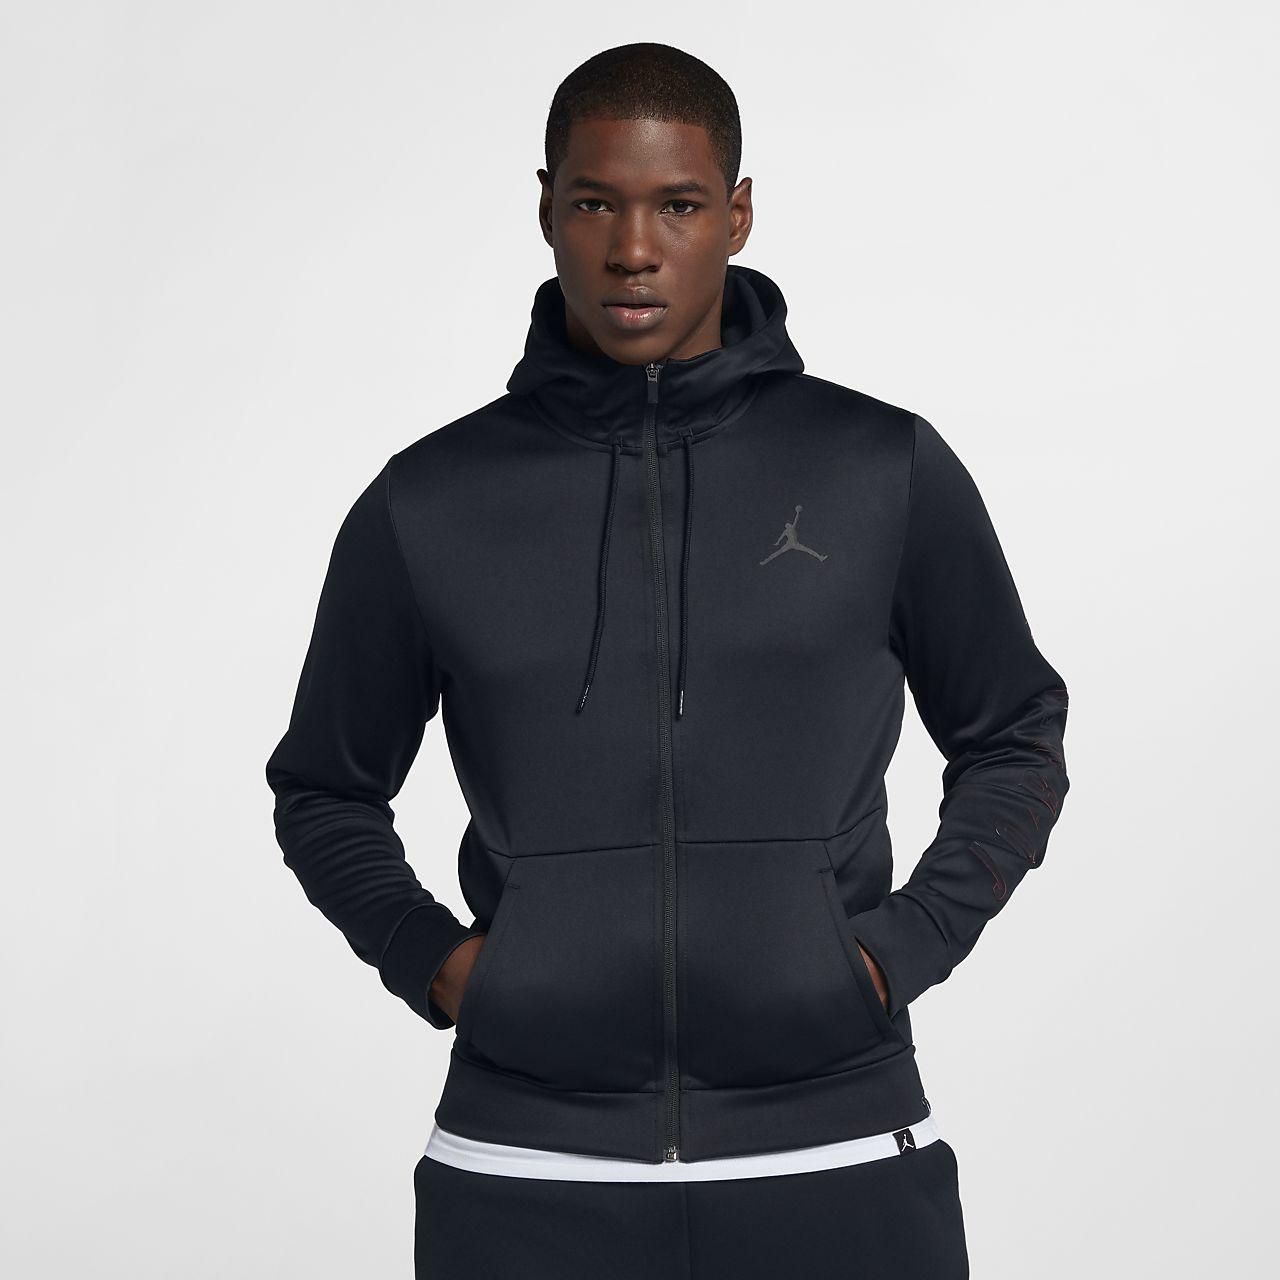 ... Jordan Therma Rise Men's Basketball Full-Zip Hoodie